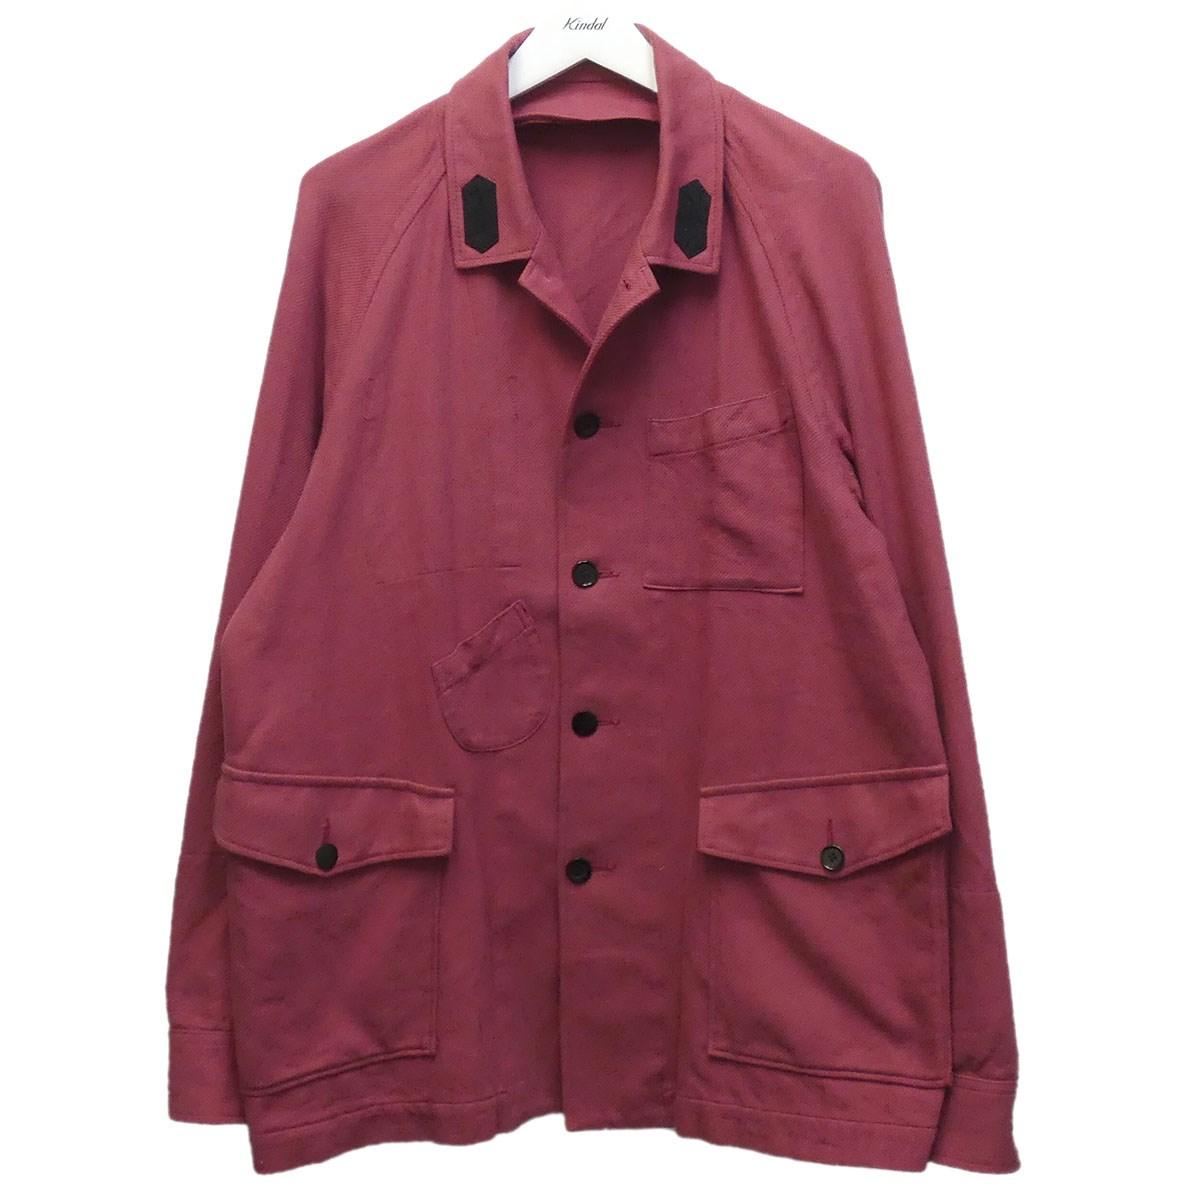 【中古】UNDERCOVER 18SS 袖裏配色ブルゾン カバーオール ピンク サイズ:3 【280620】(アンダーカバー)